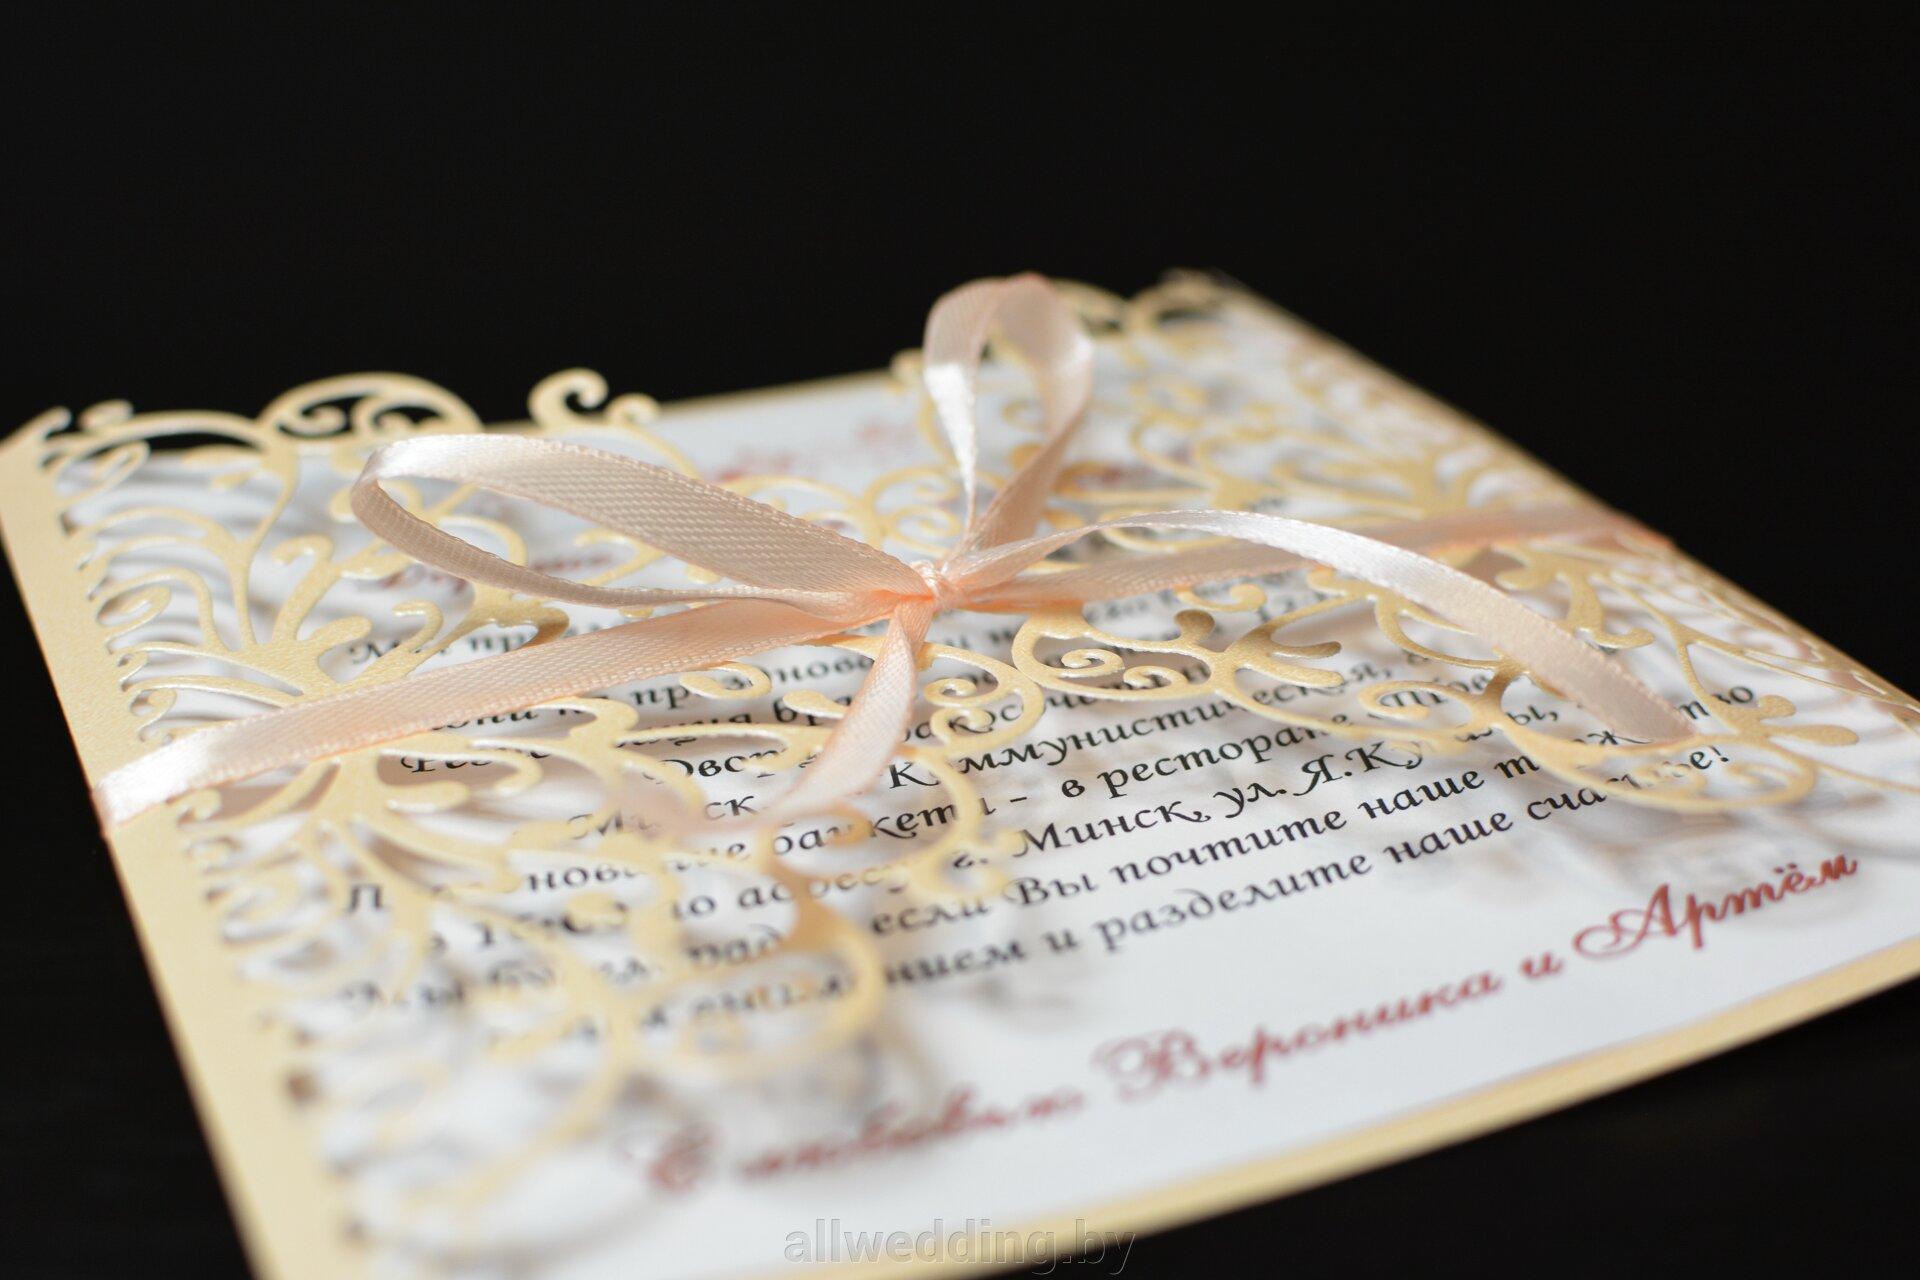 Пригласительные на свадьбу ручной работы от мастера Екатерина - фото pic_bedeca1e294ba8d2e444e966681e9c7a_1920x9000_1.jpg